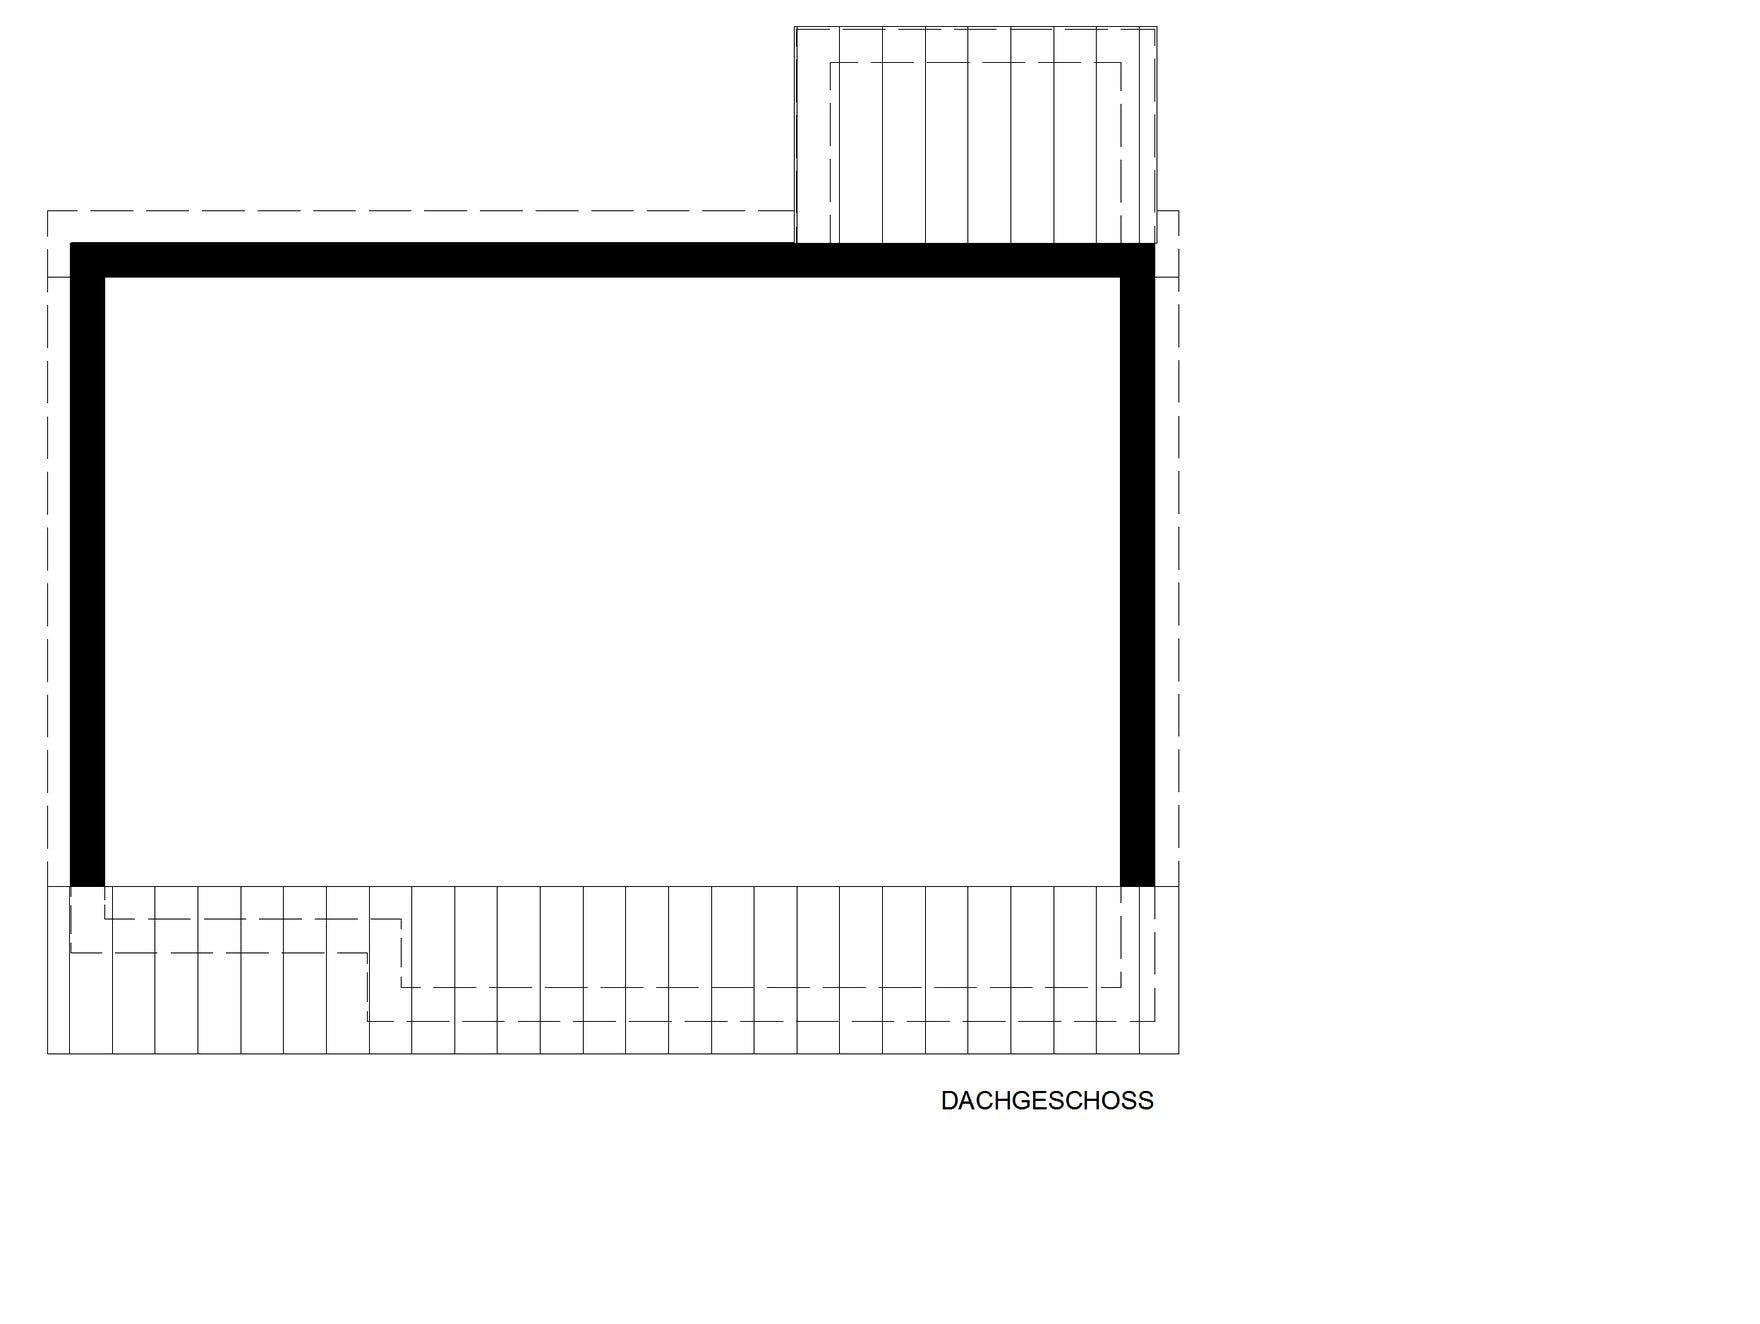 Modell 4 floor_plans 0